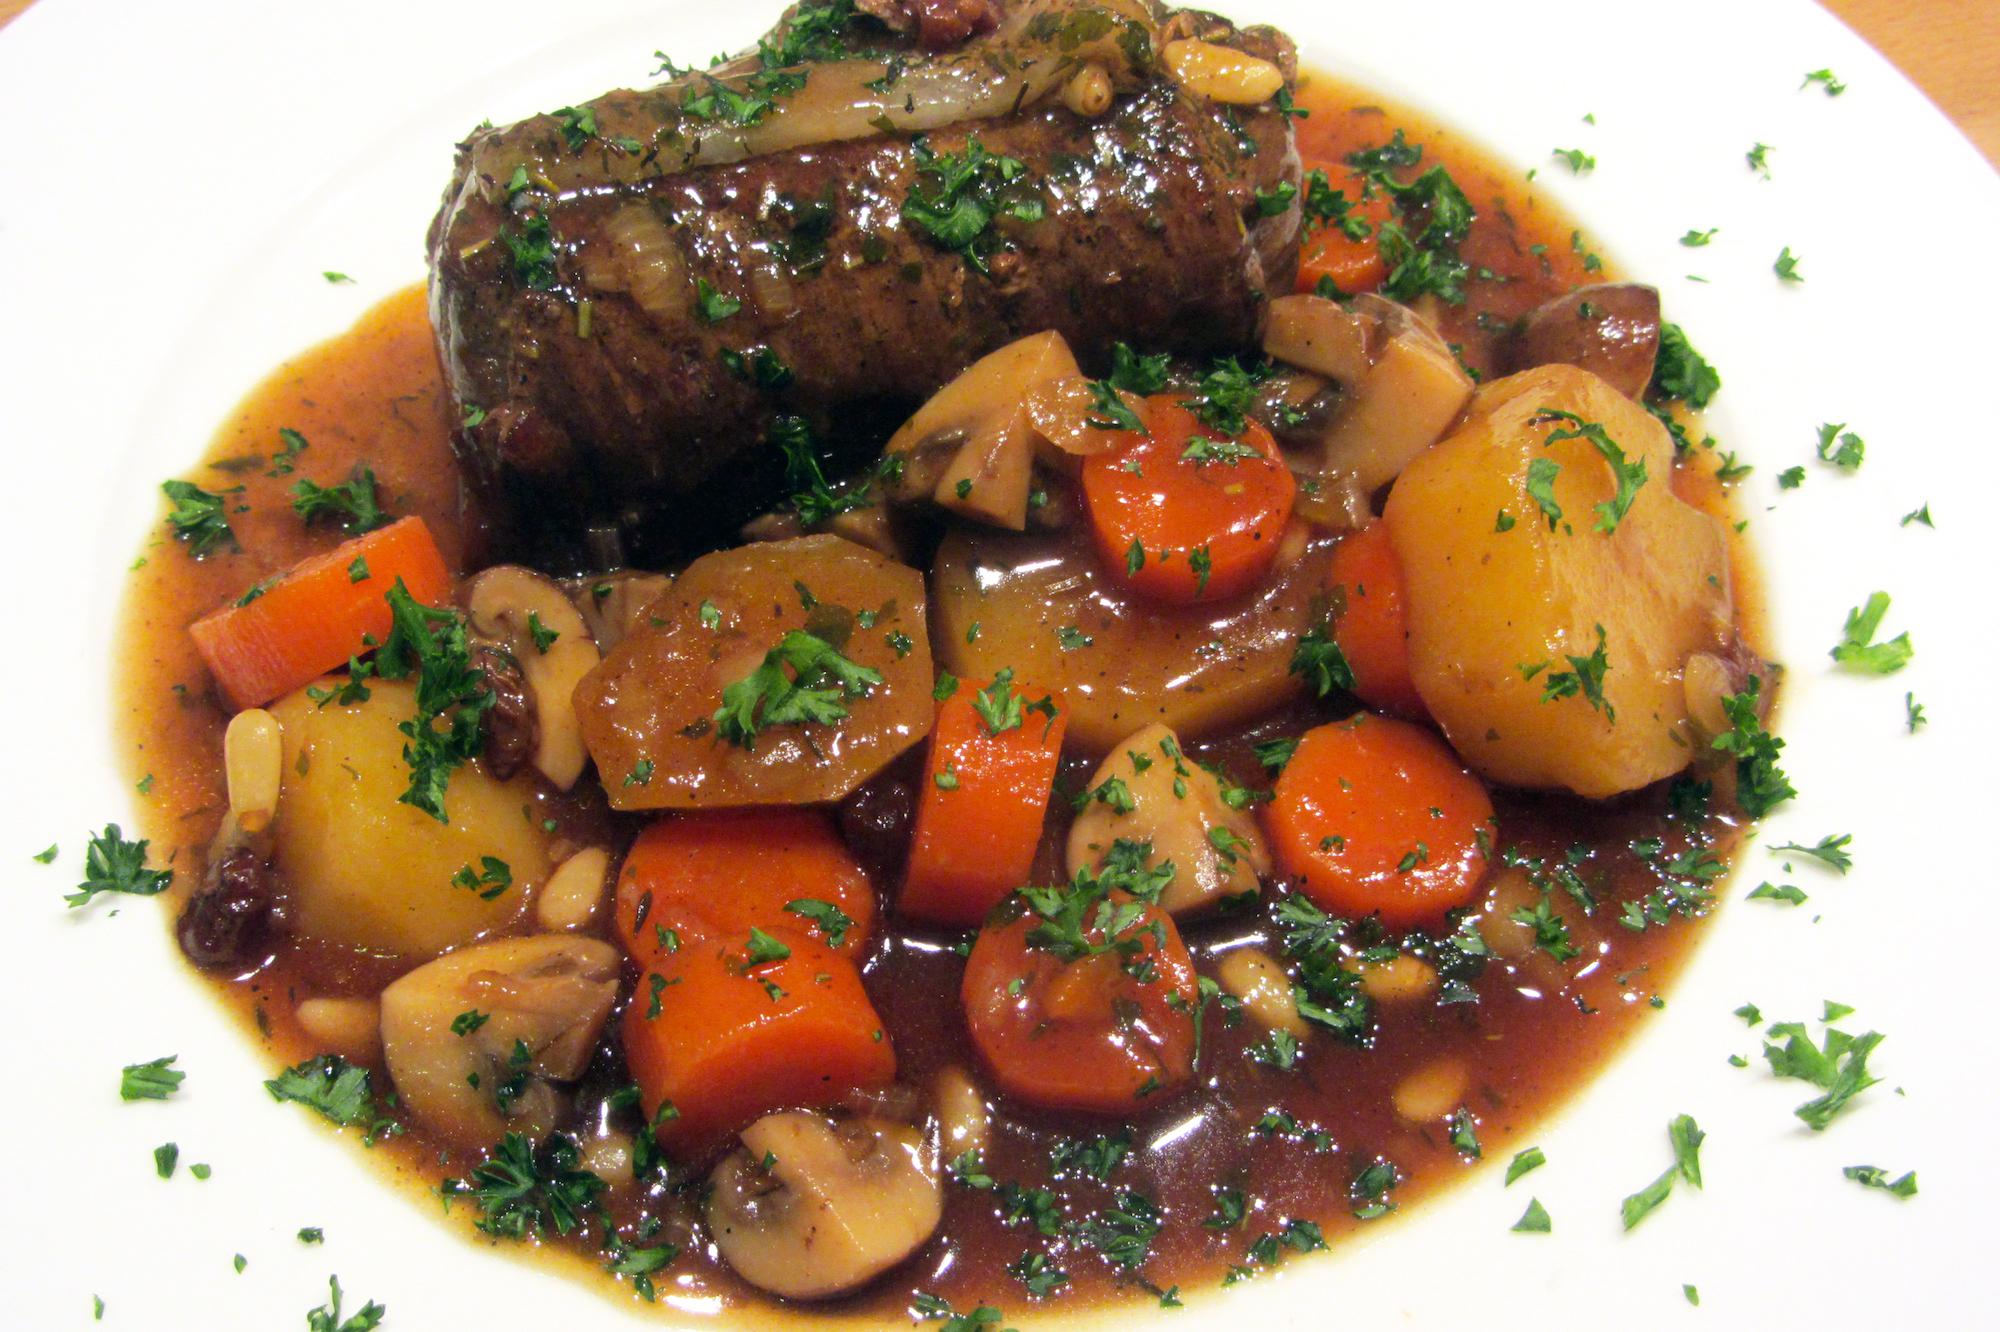 Blinde vinken met gestoofde groentjes in bruine saus (Colruyt)